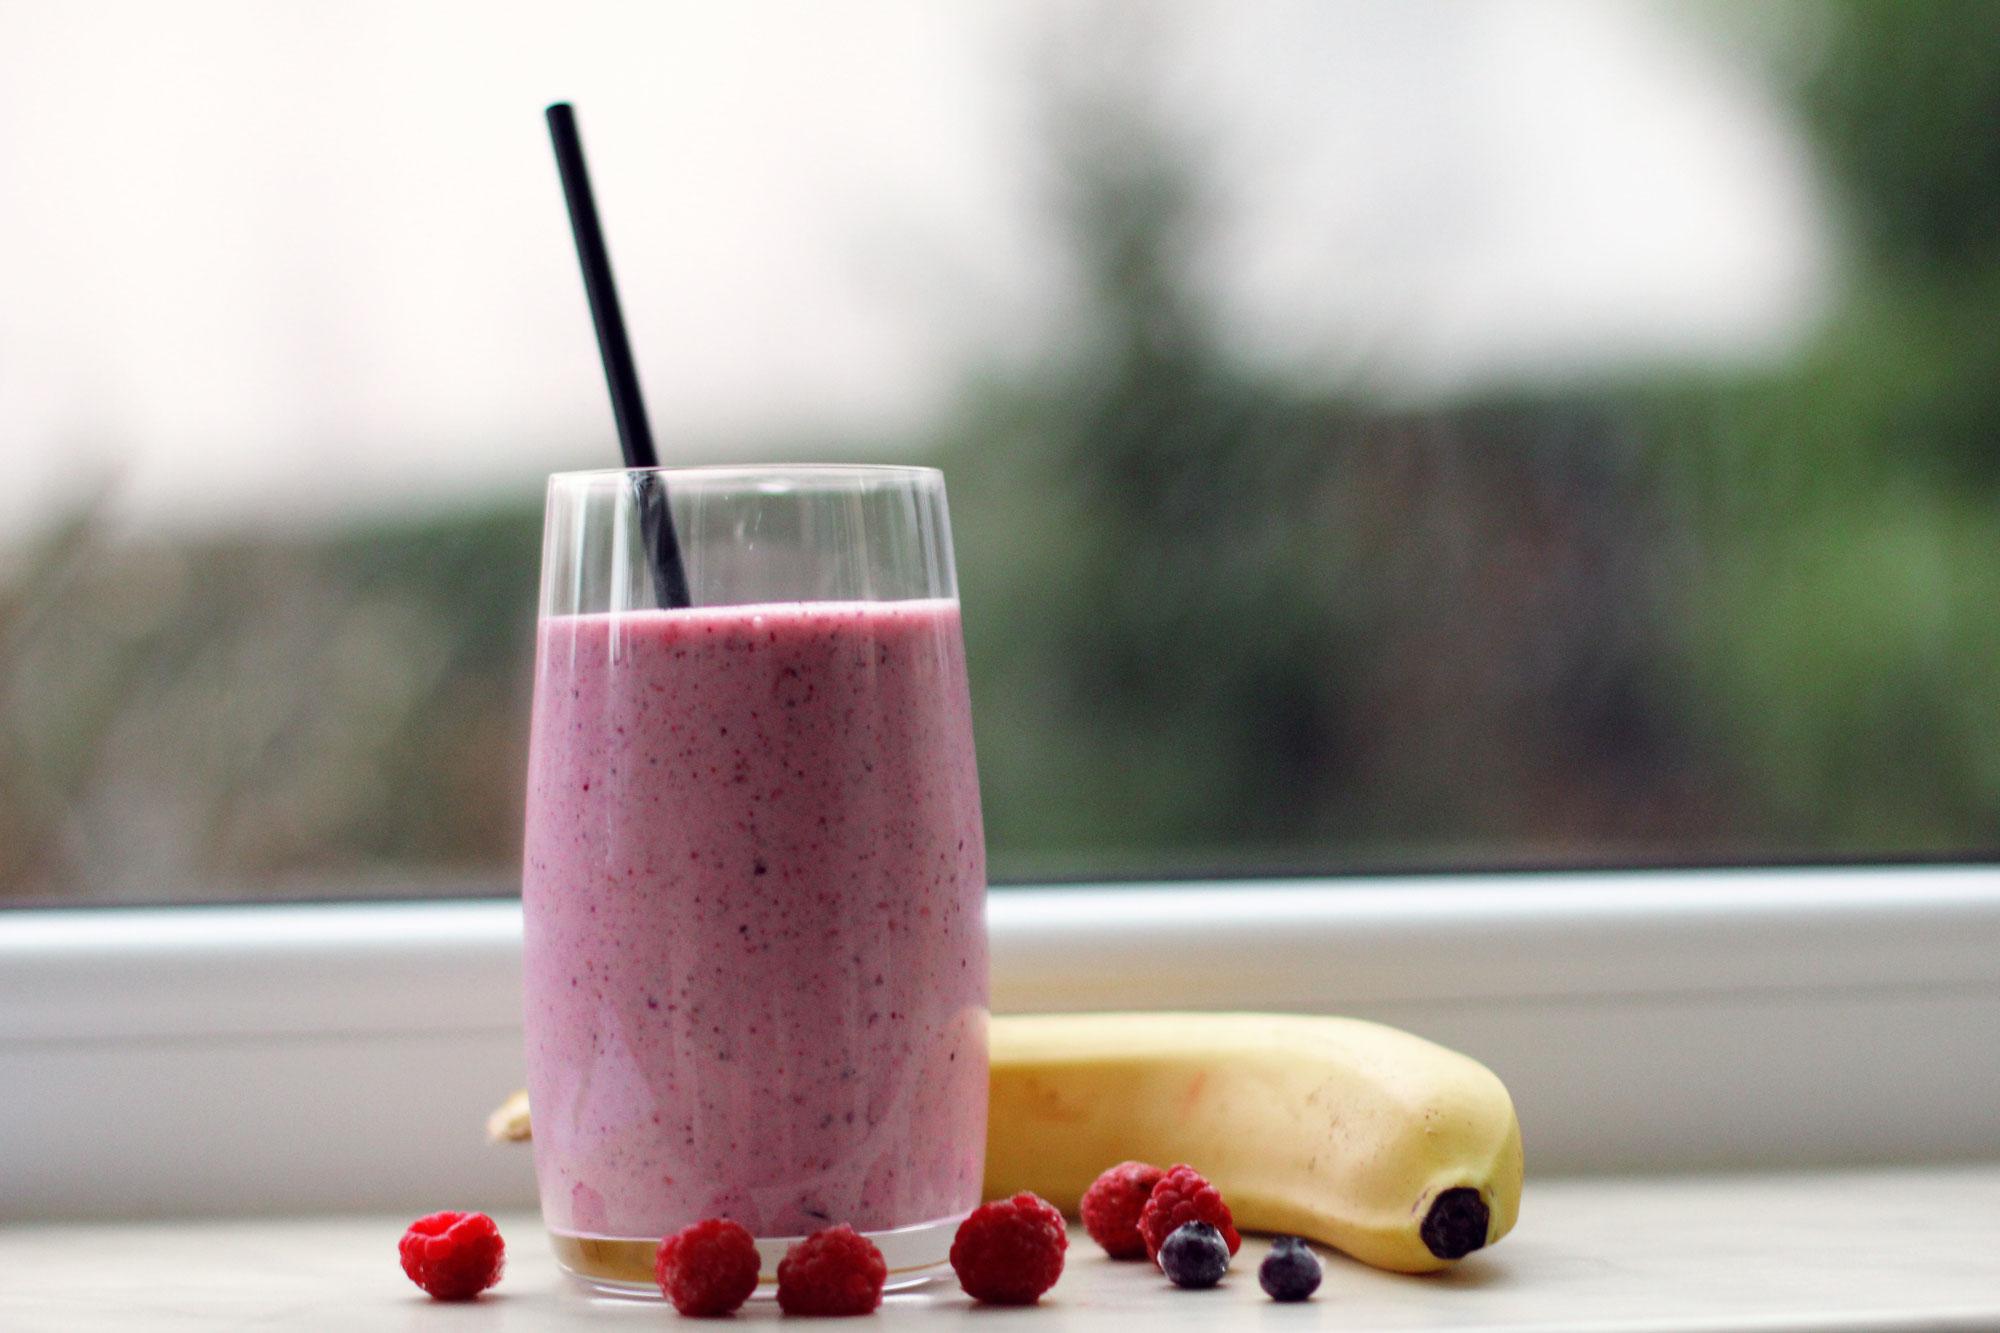 Wochenbett Rezept - Smoothie, Himbeer-Protein